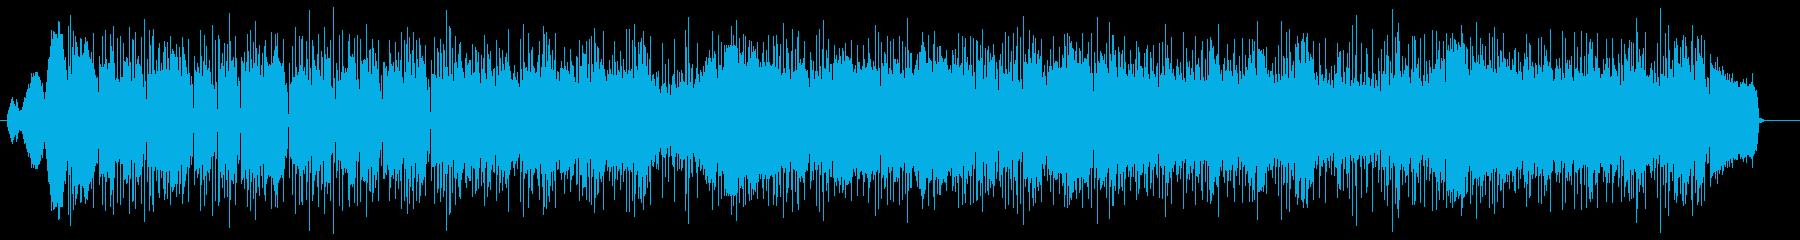 アップテンポで期体感のあるポップスの再生済みの波形